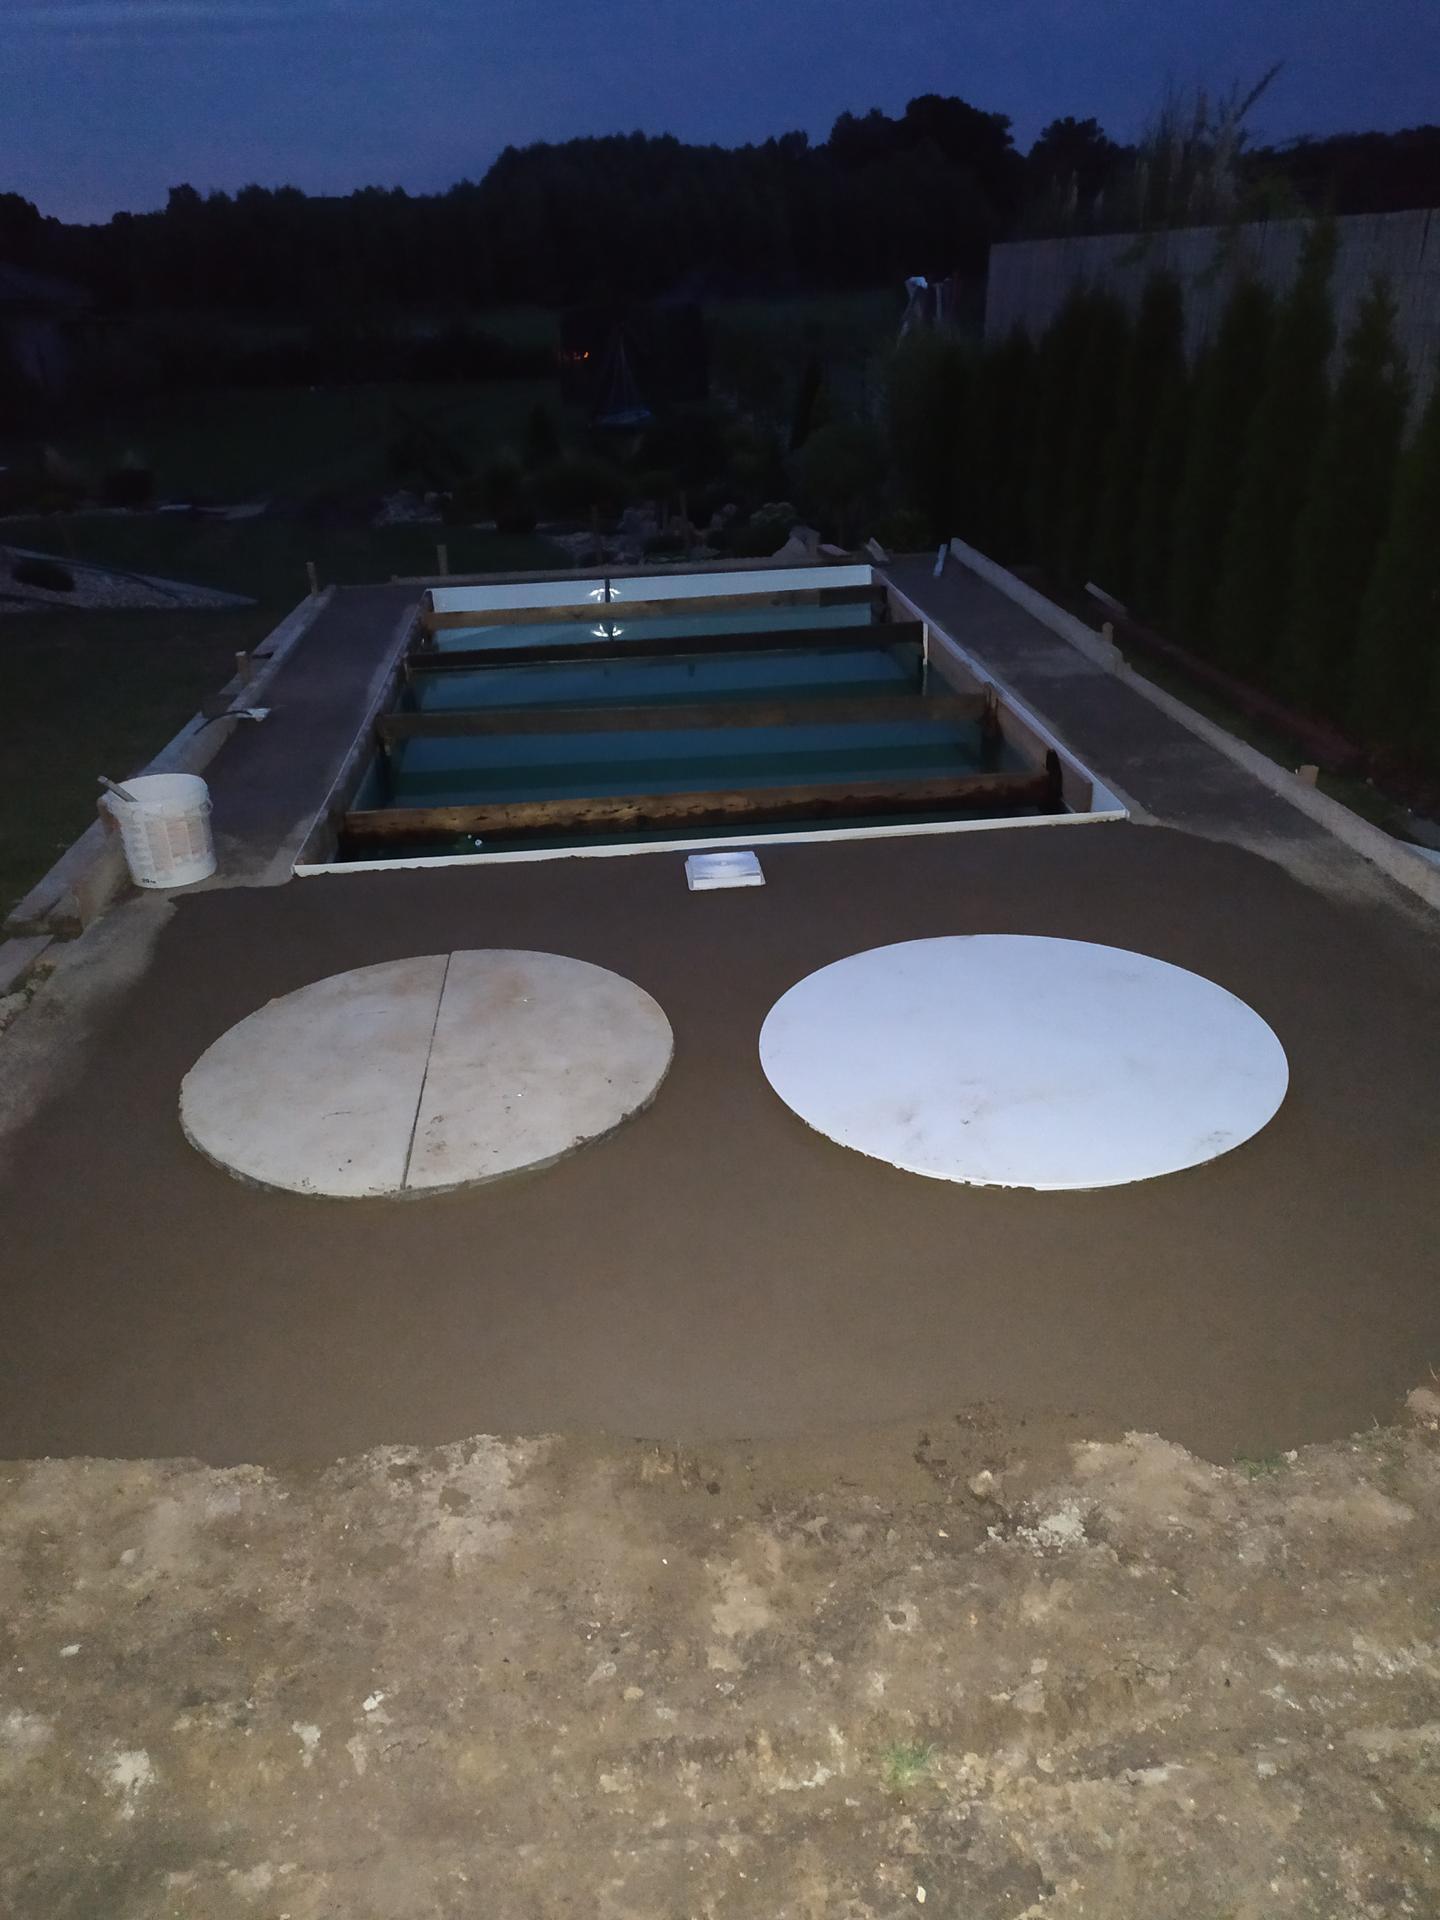 Bazén srpen 2020: doplněk naší zahrady😉 - Obrázek č. 9